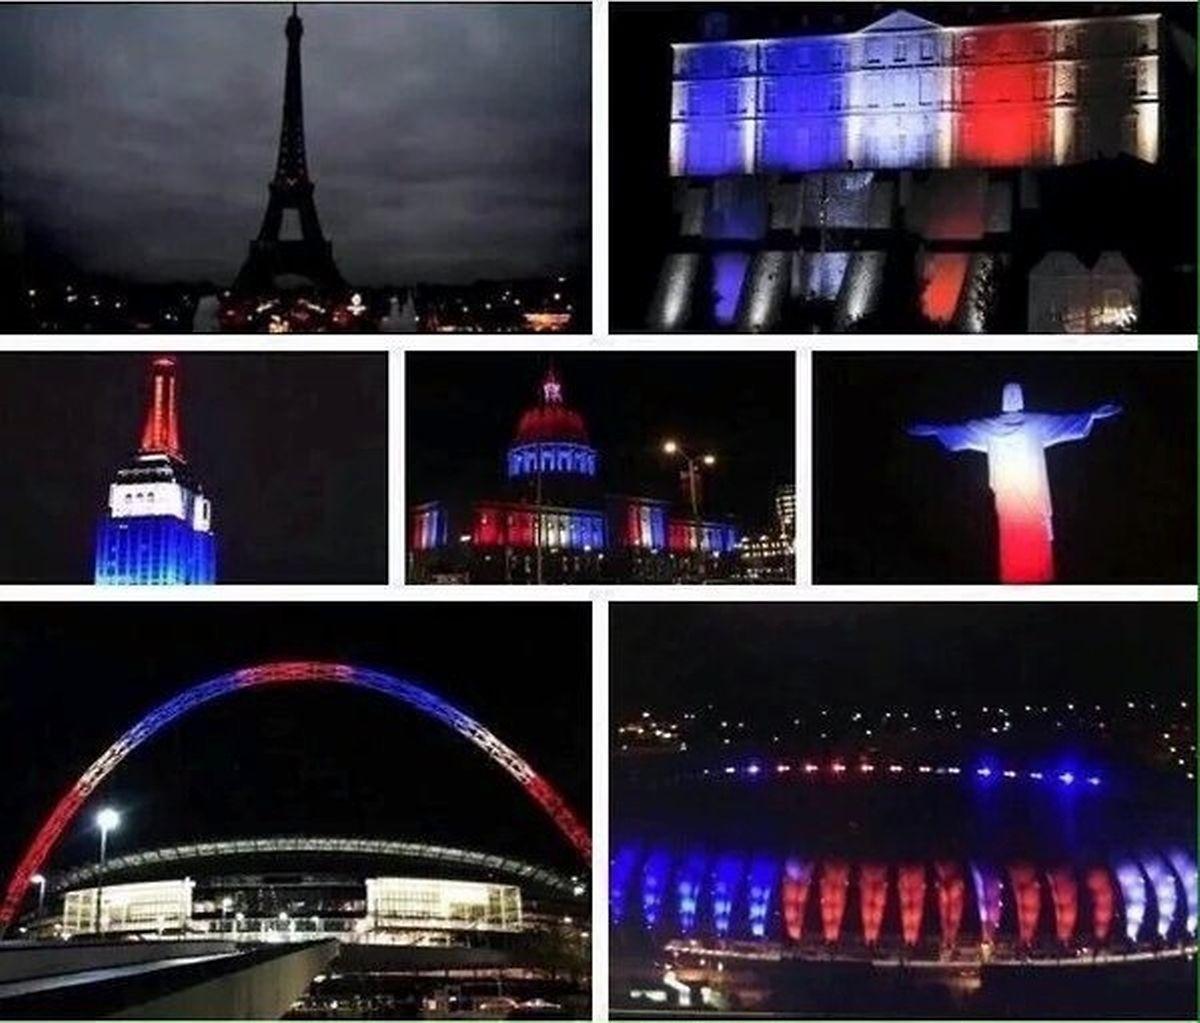 Les monuments illuminés en bleu blanc rouge par solidarité avec les victimes des attentats de Paris, dans la nuit de vendredi à samedi.